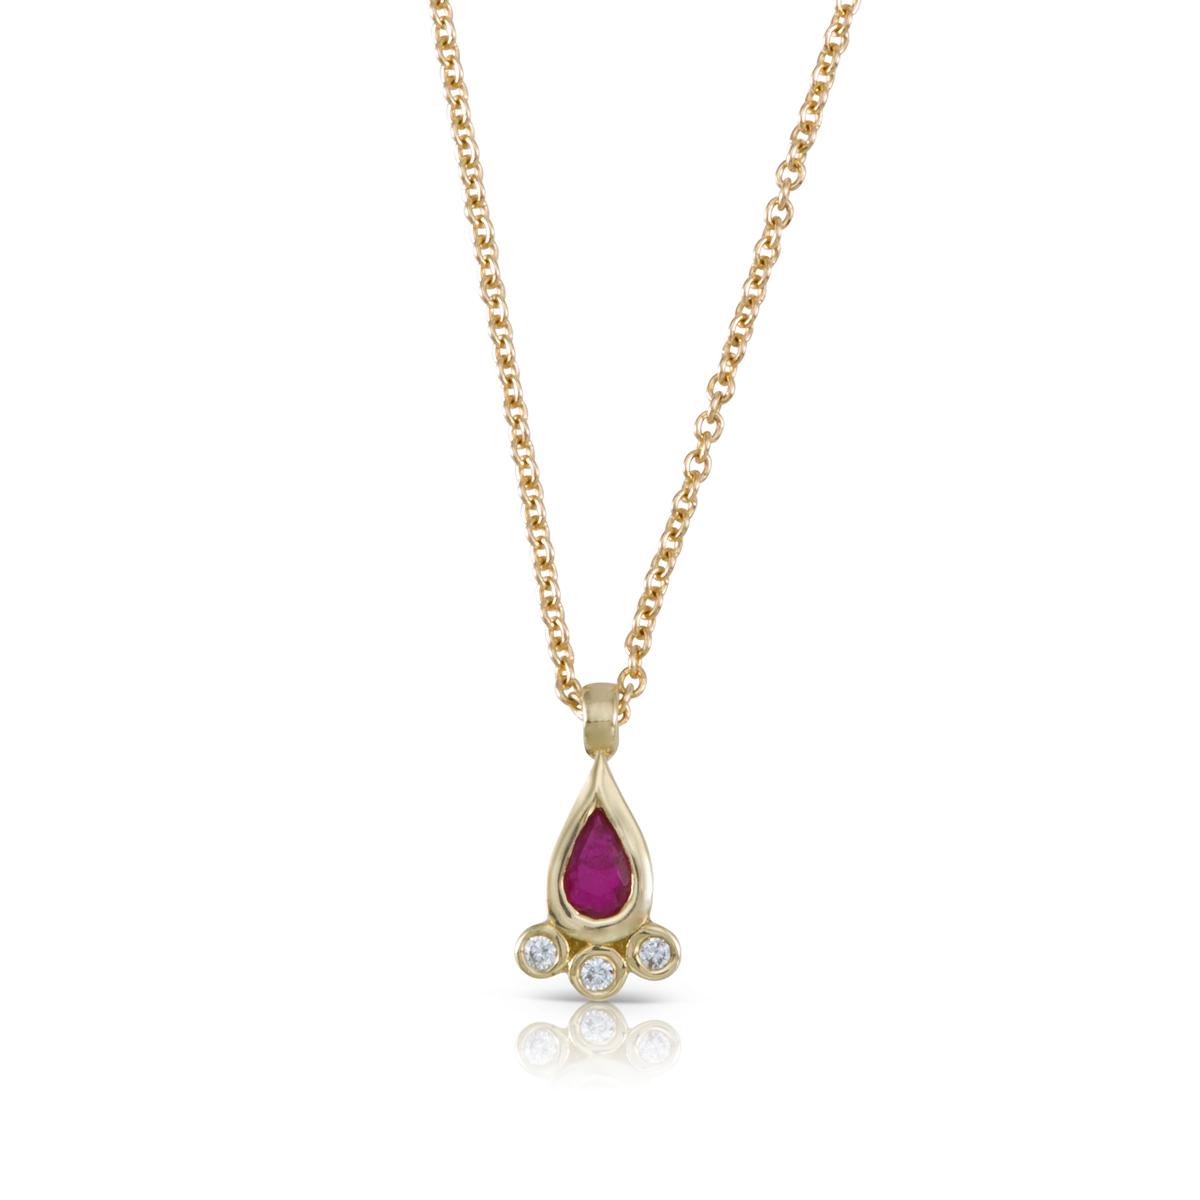 שרשרת זהב משובצת רובי בצורת טיפה ויהלומים